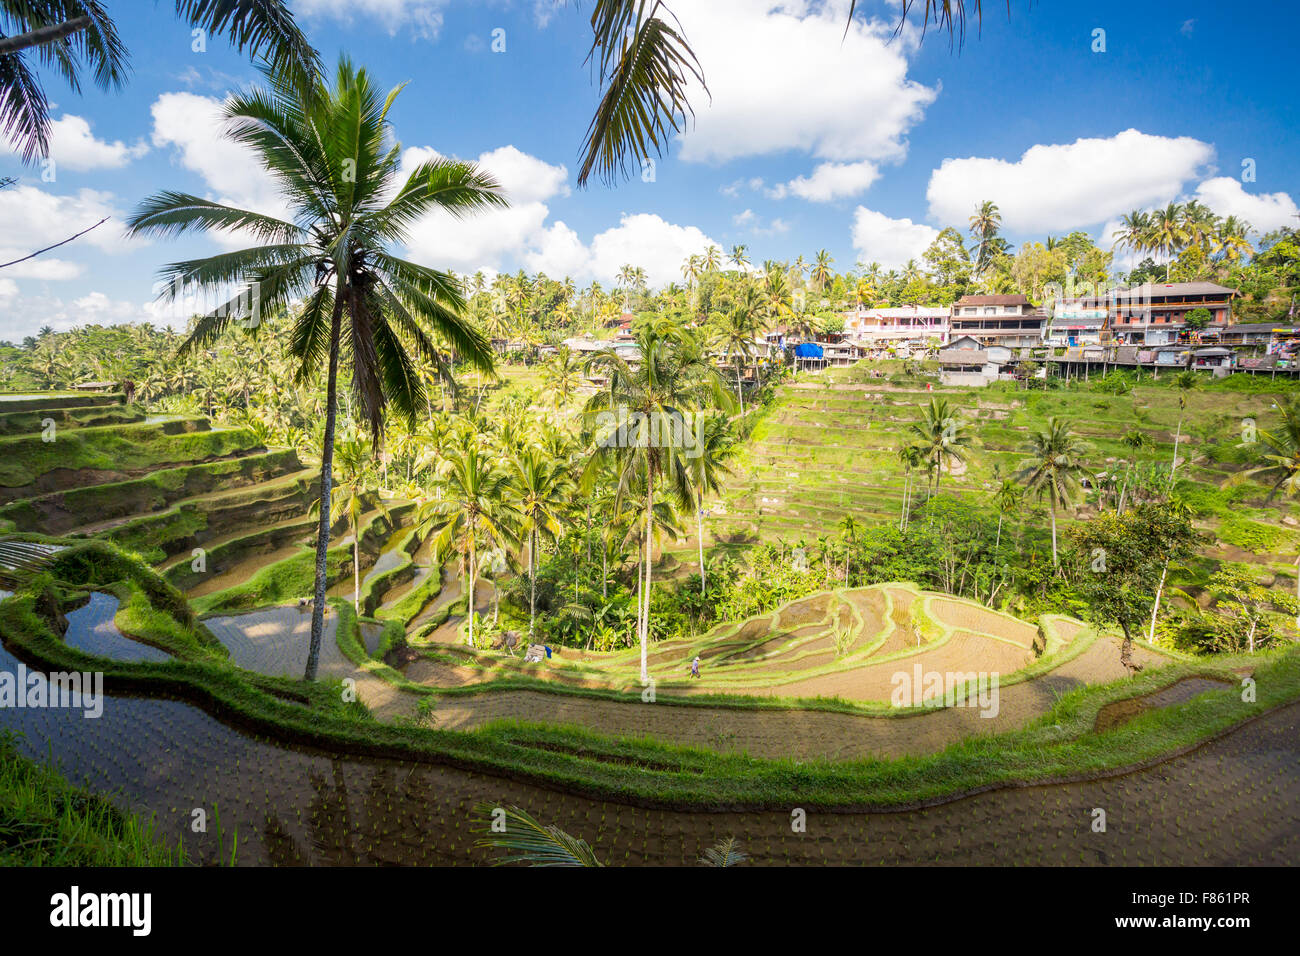 Los cultivos de los campos de arroz de una calurosa tarde soleada cerca de Ubud, Bali, Indonesia Imagen De Stock